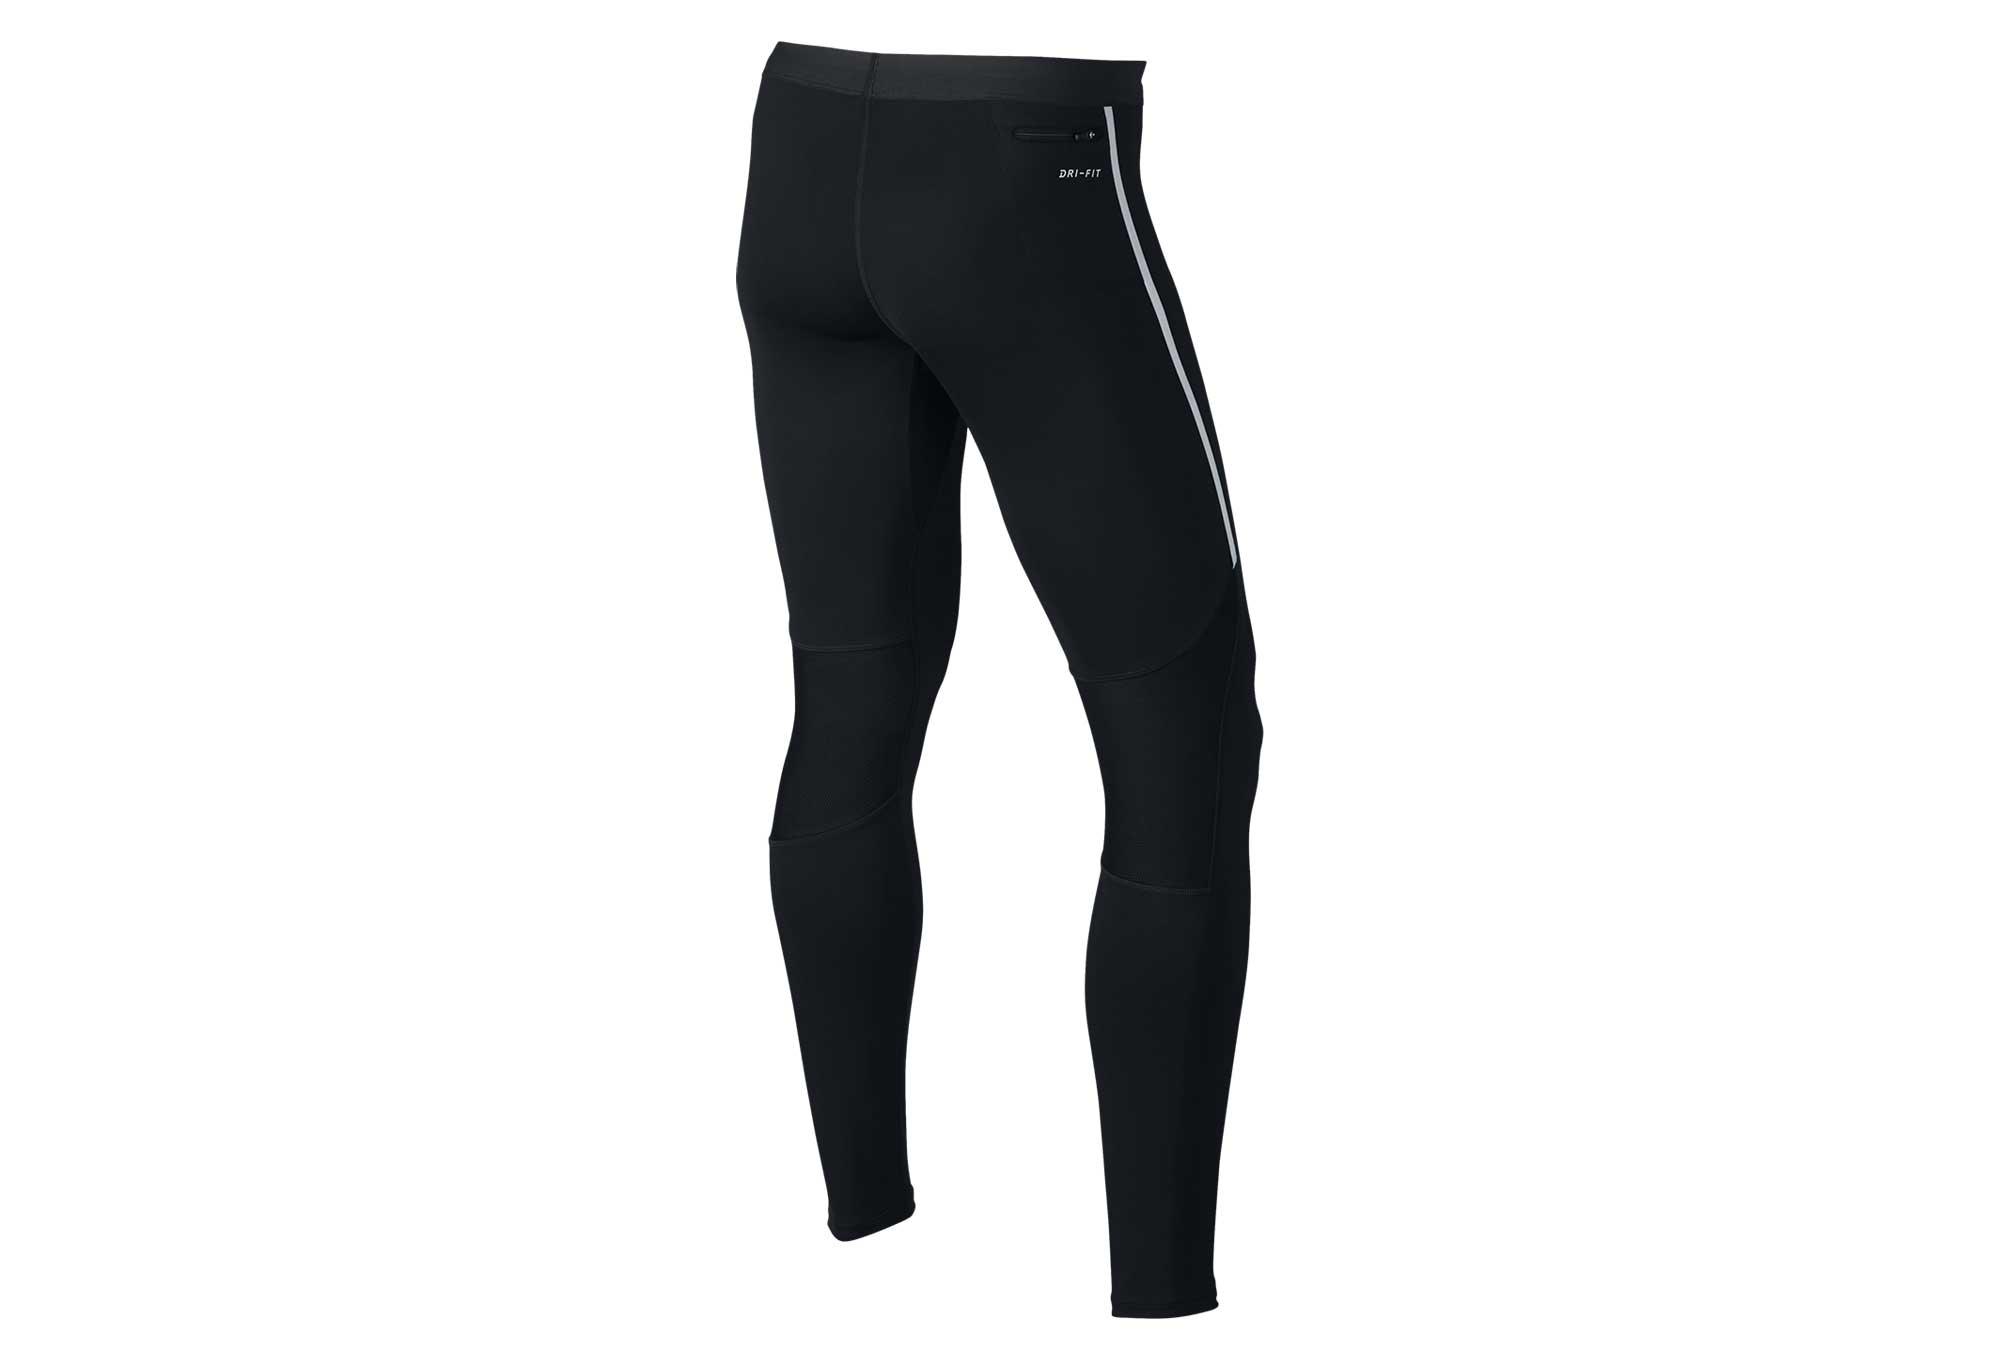 Collant Long Homme Nike Tech Noir  3cc2495846d